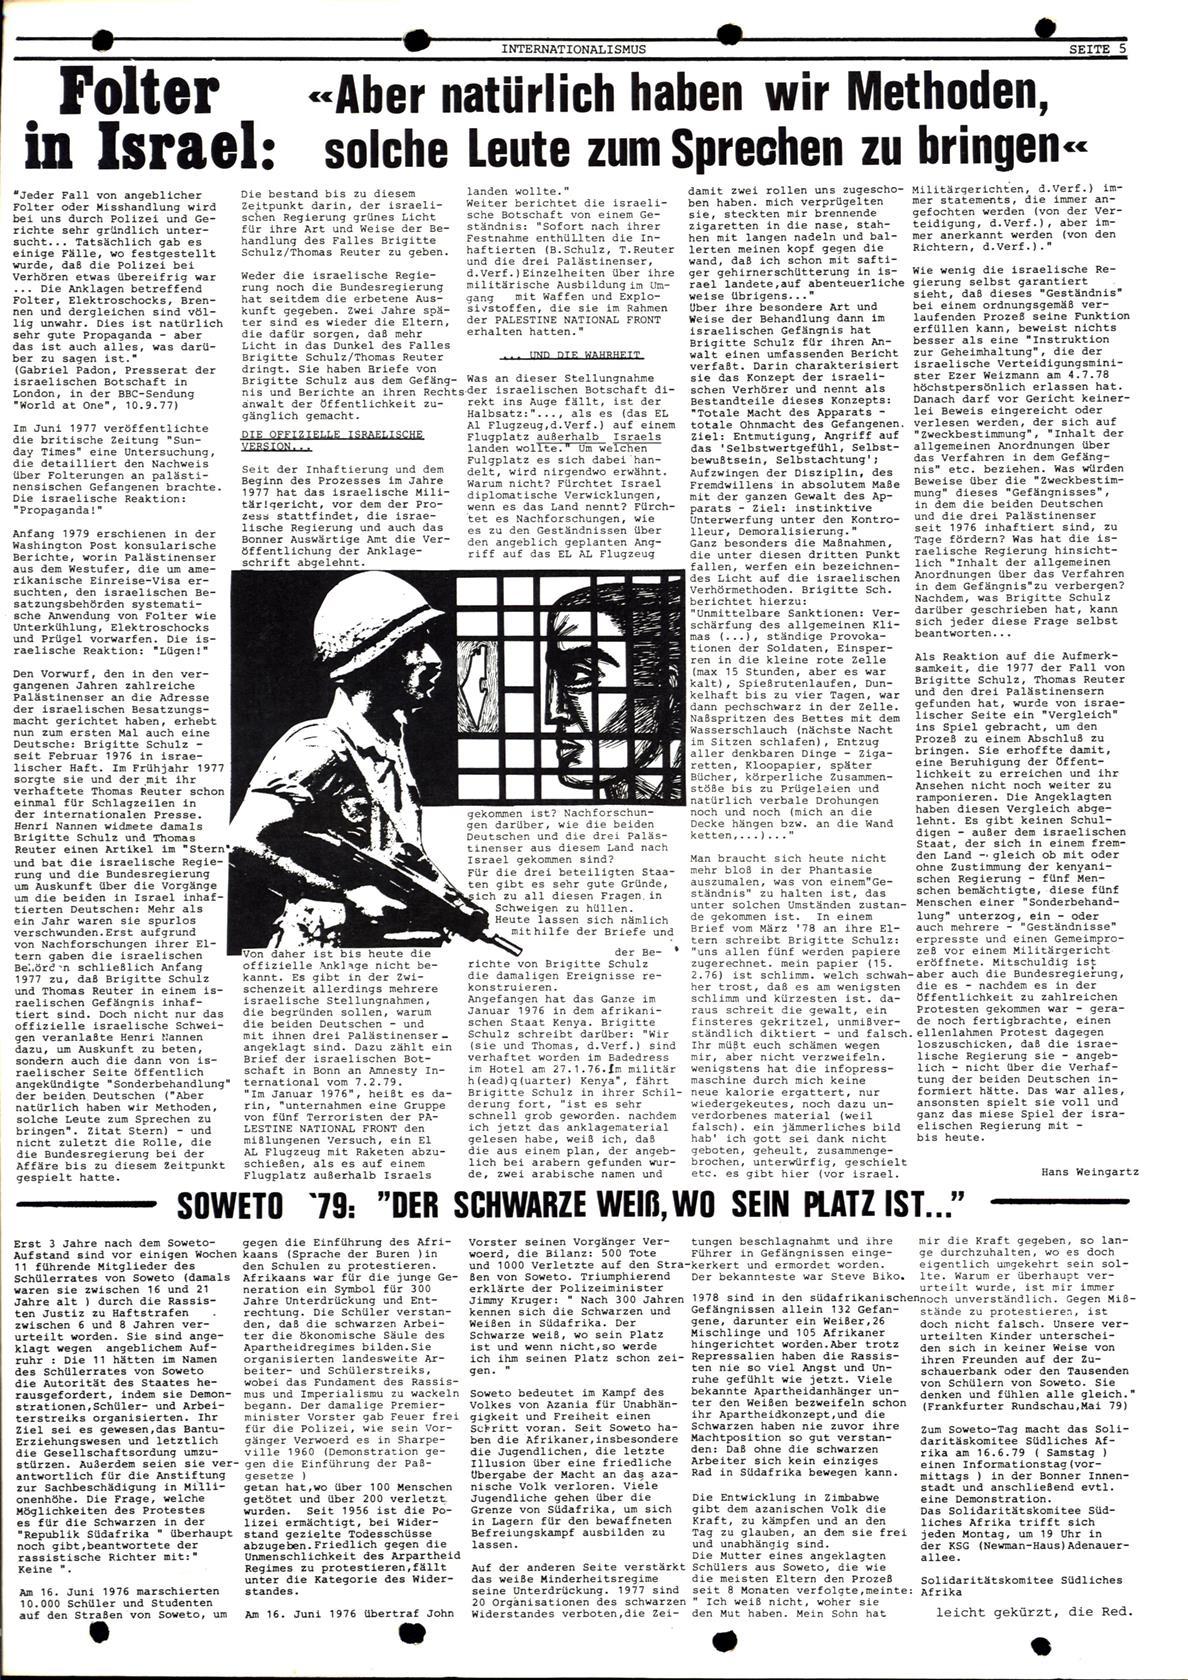 Bonner_Volksblatt_25_19790530_05